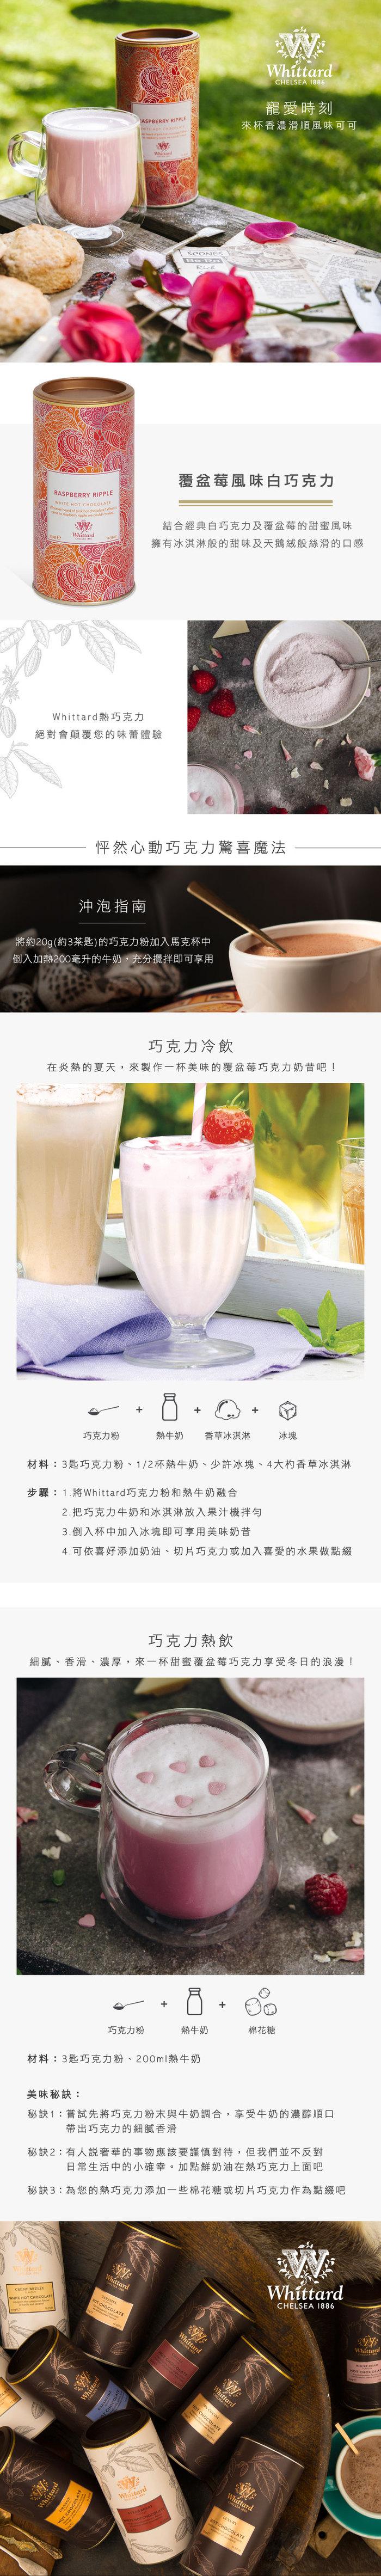 (複製)Whittard | 經典奢華白巧克力粉